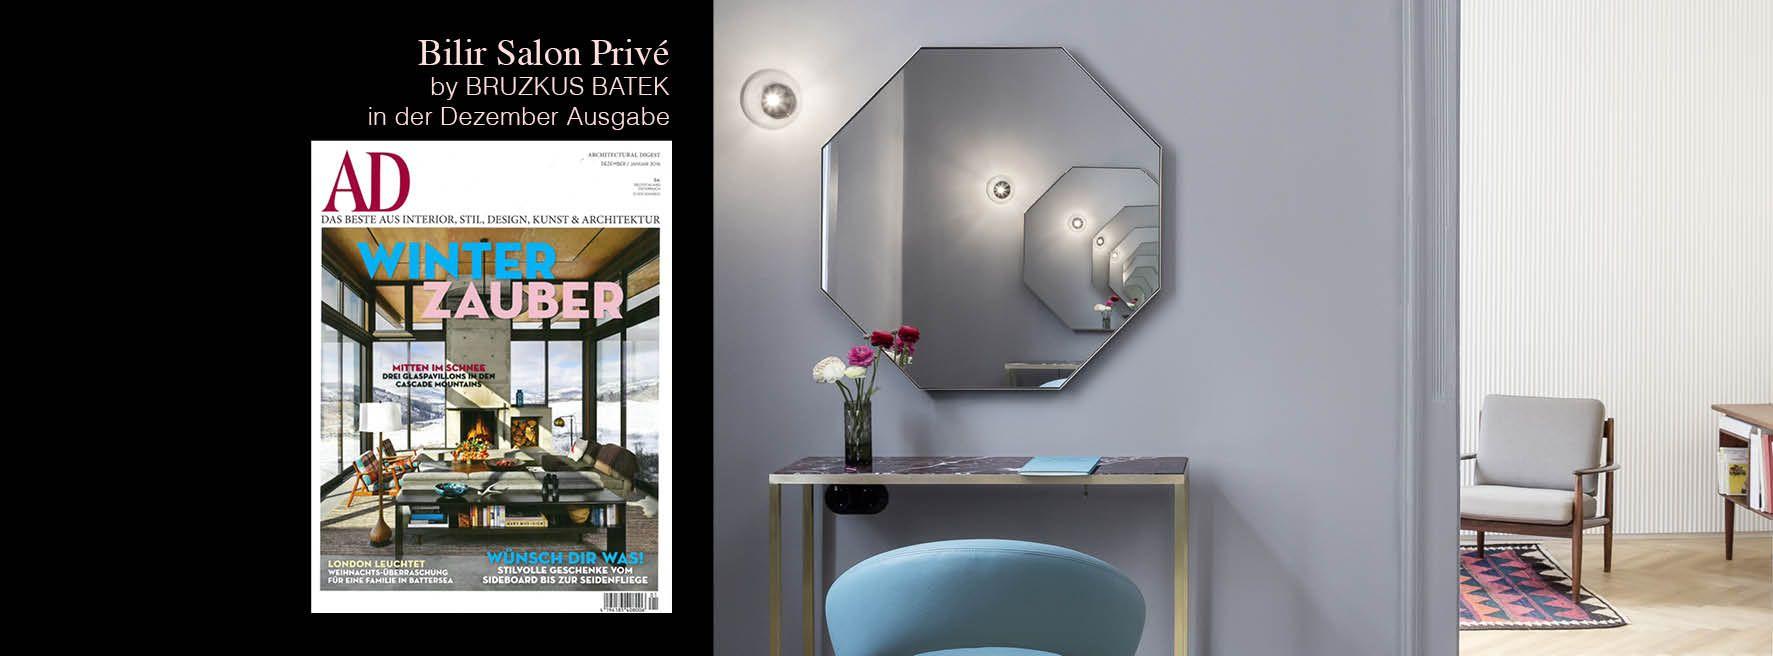 ****Bruzkus Batek bei AD**** Die Dezember Ausgabe der AD Architectural Digest Germany ist da und und wir freuen uns sehr über den tollen Artikel über ein von uns bisher unveröffentlichtes Projekt.